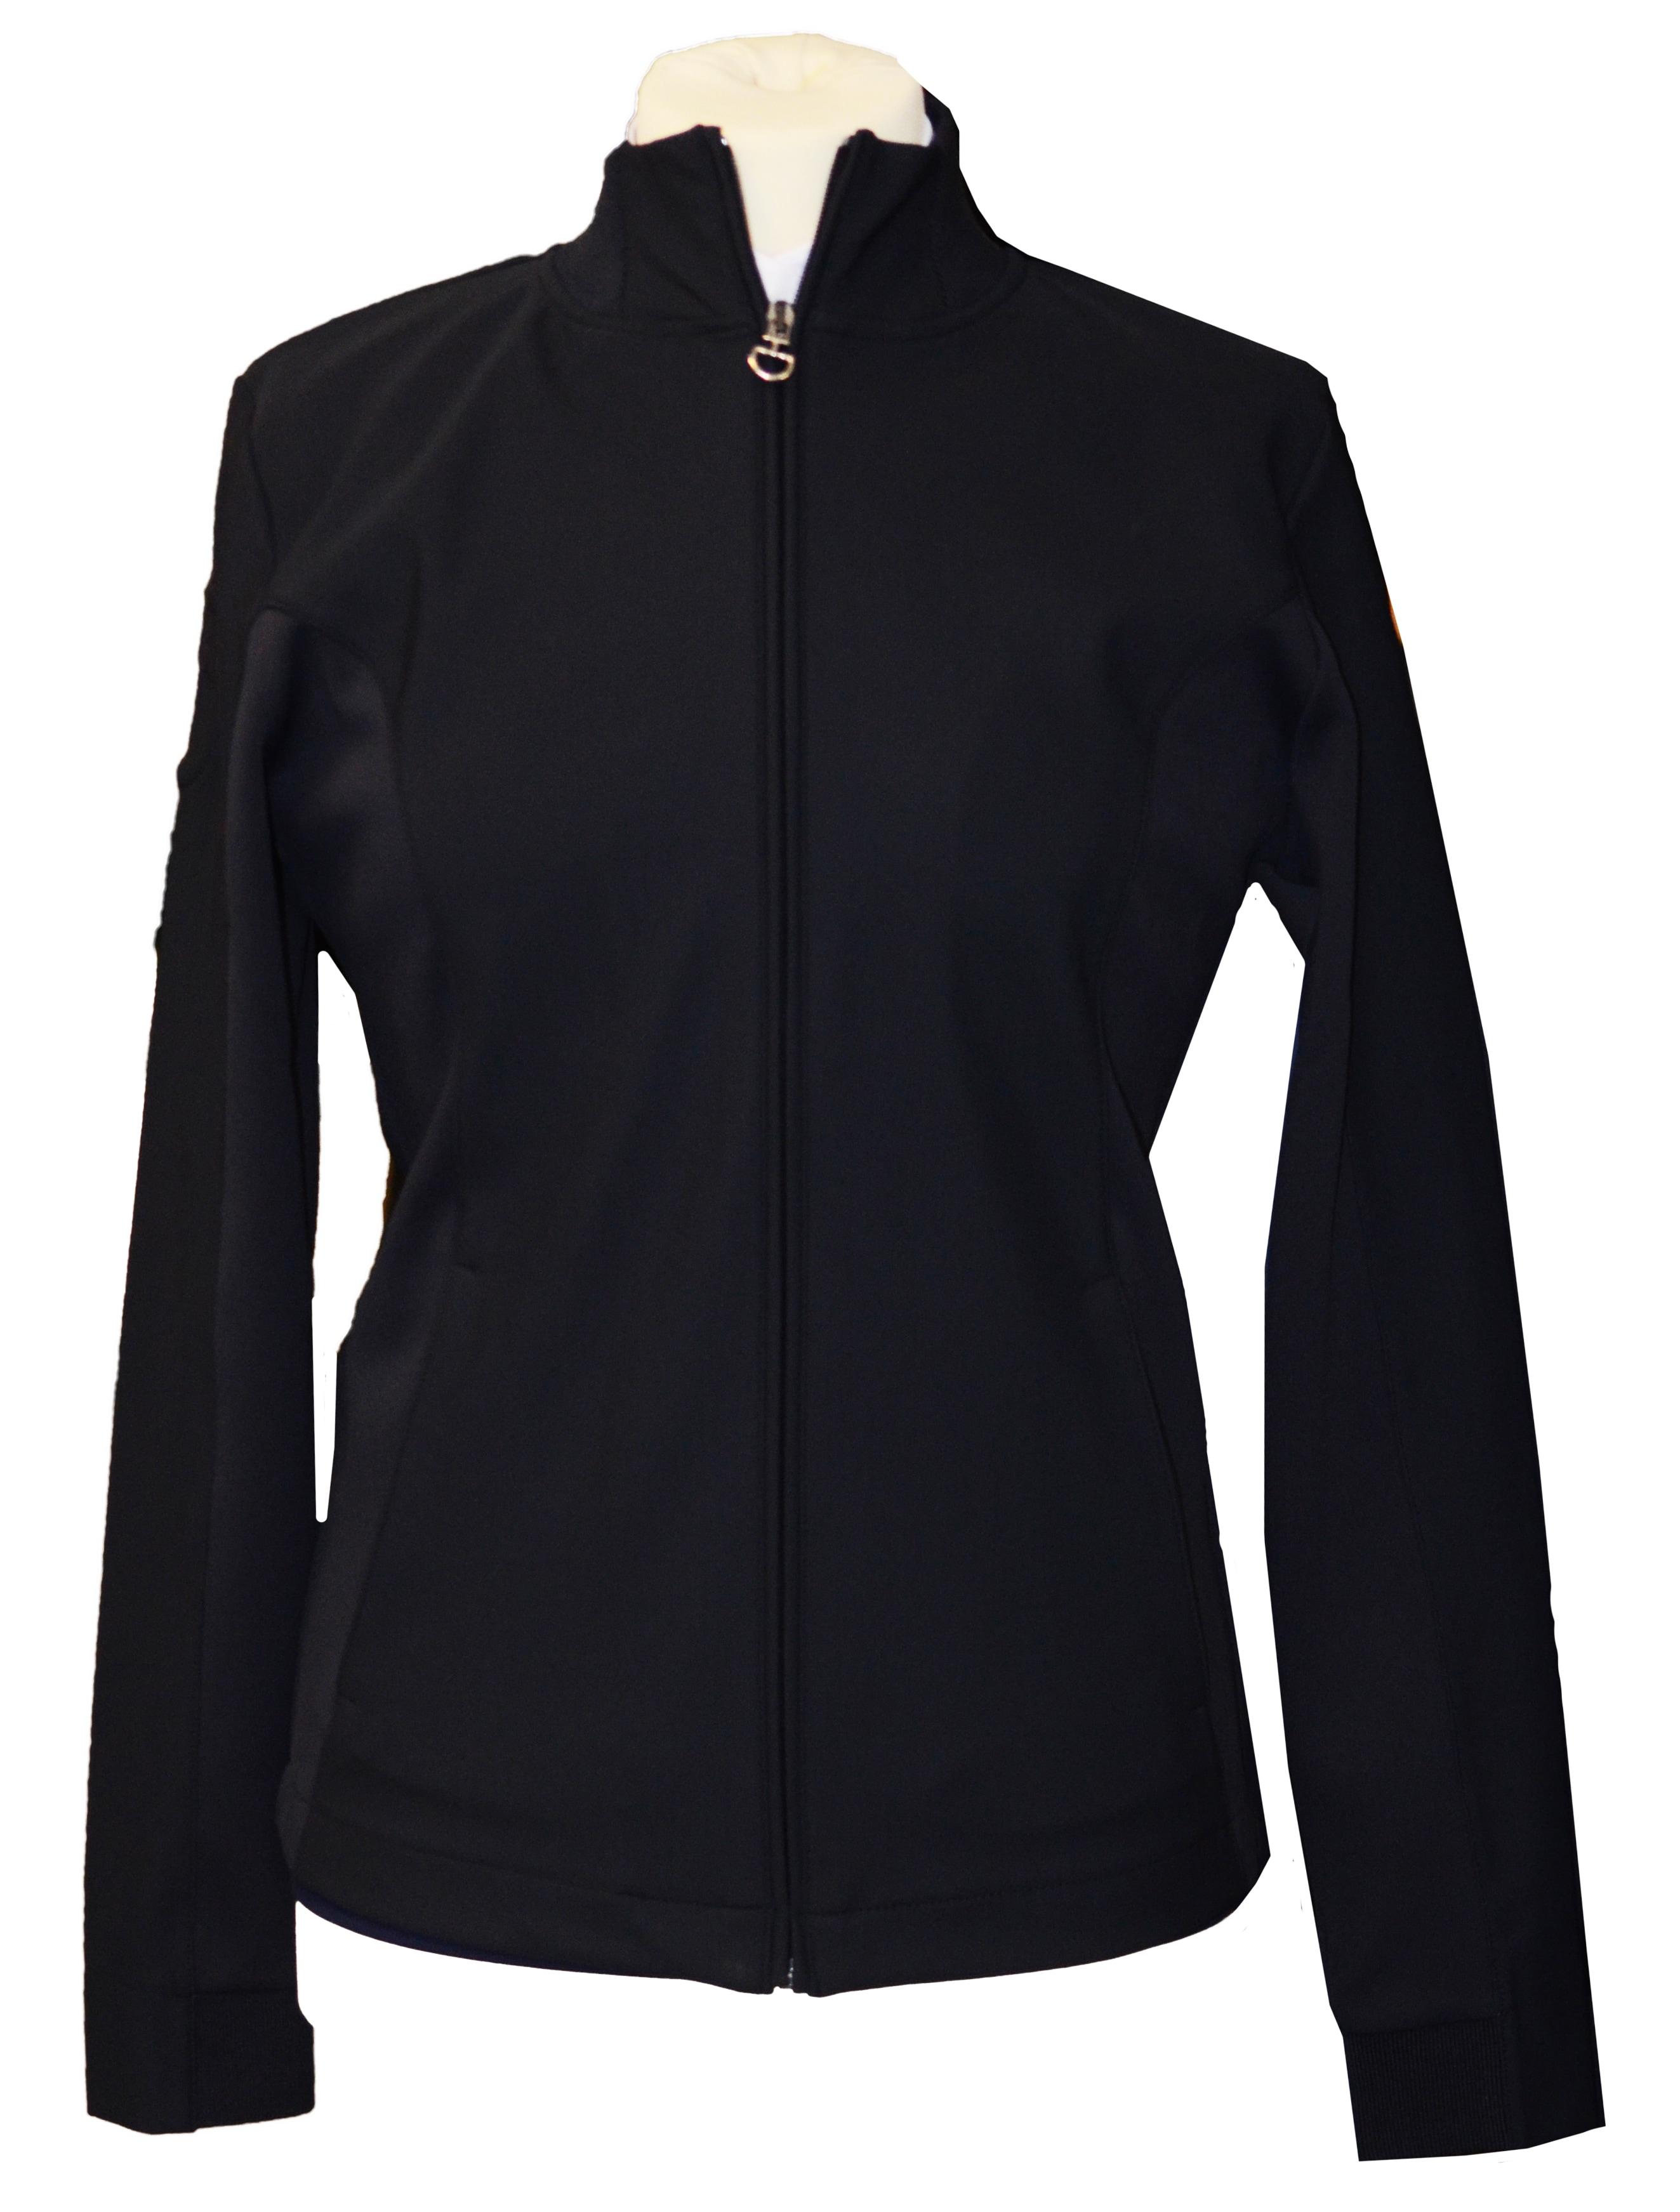 Jersey Zip Sweatshirt - Black